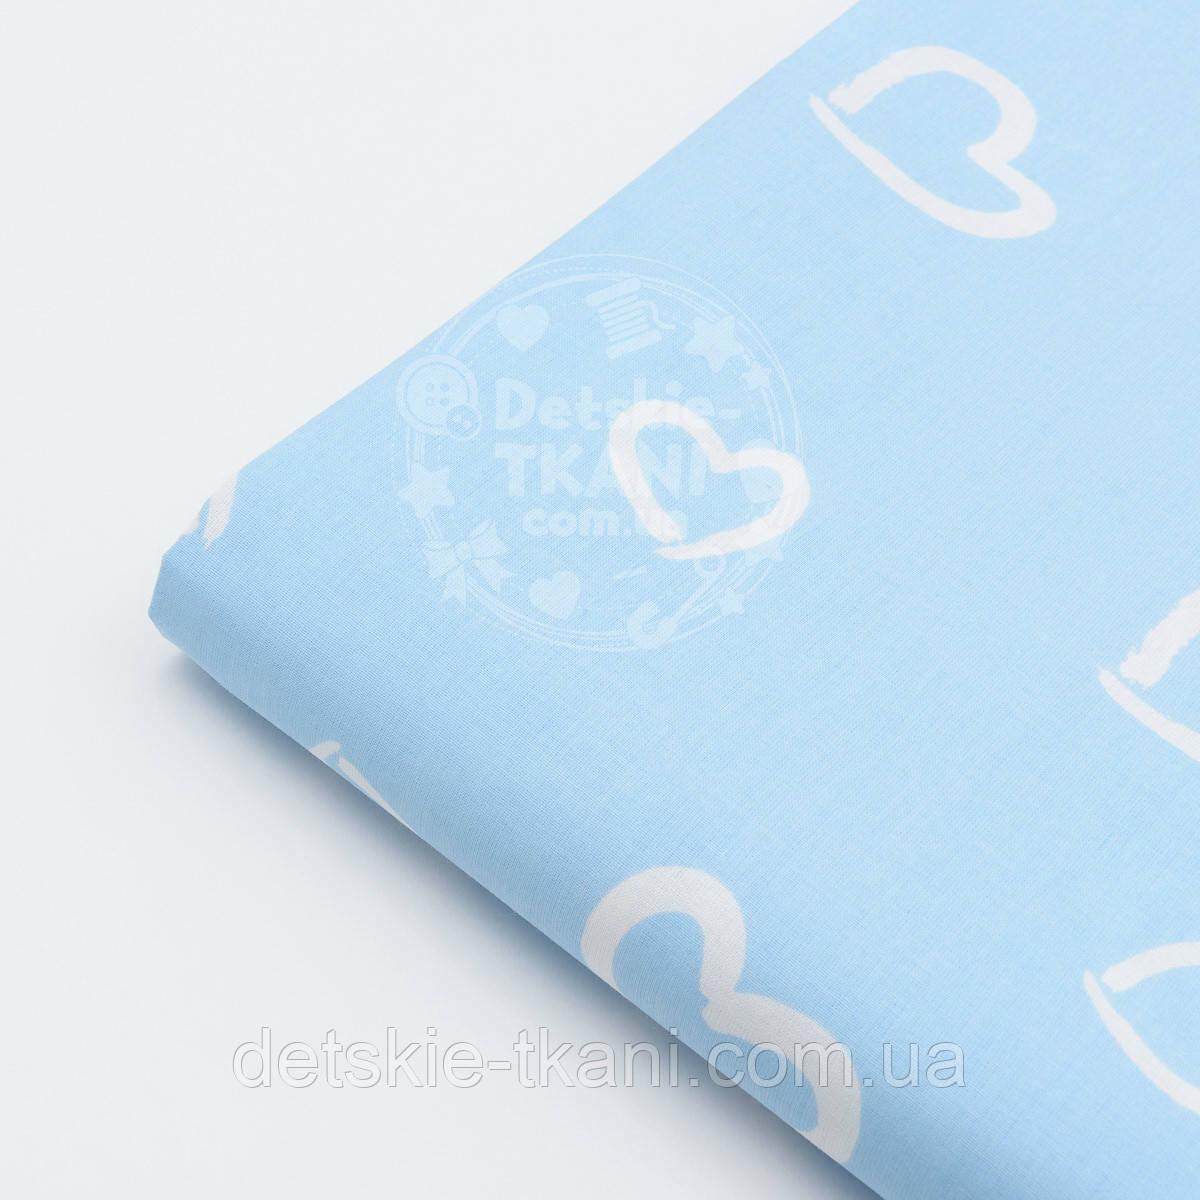 Лоскут ткани №111 с изображением белых сердечек-валентинок